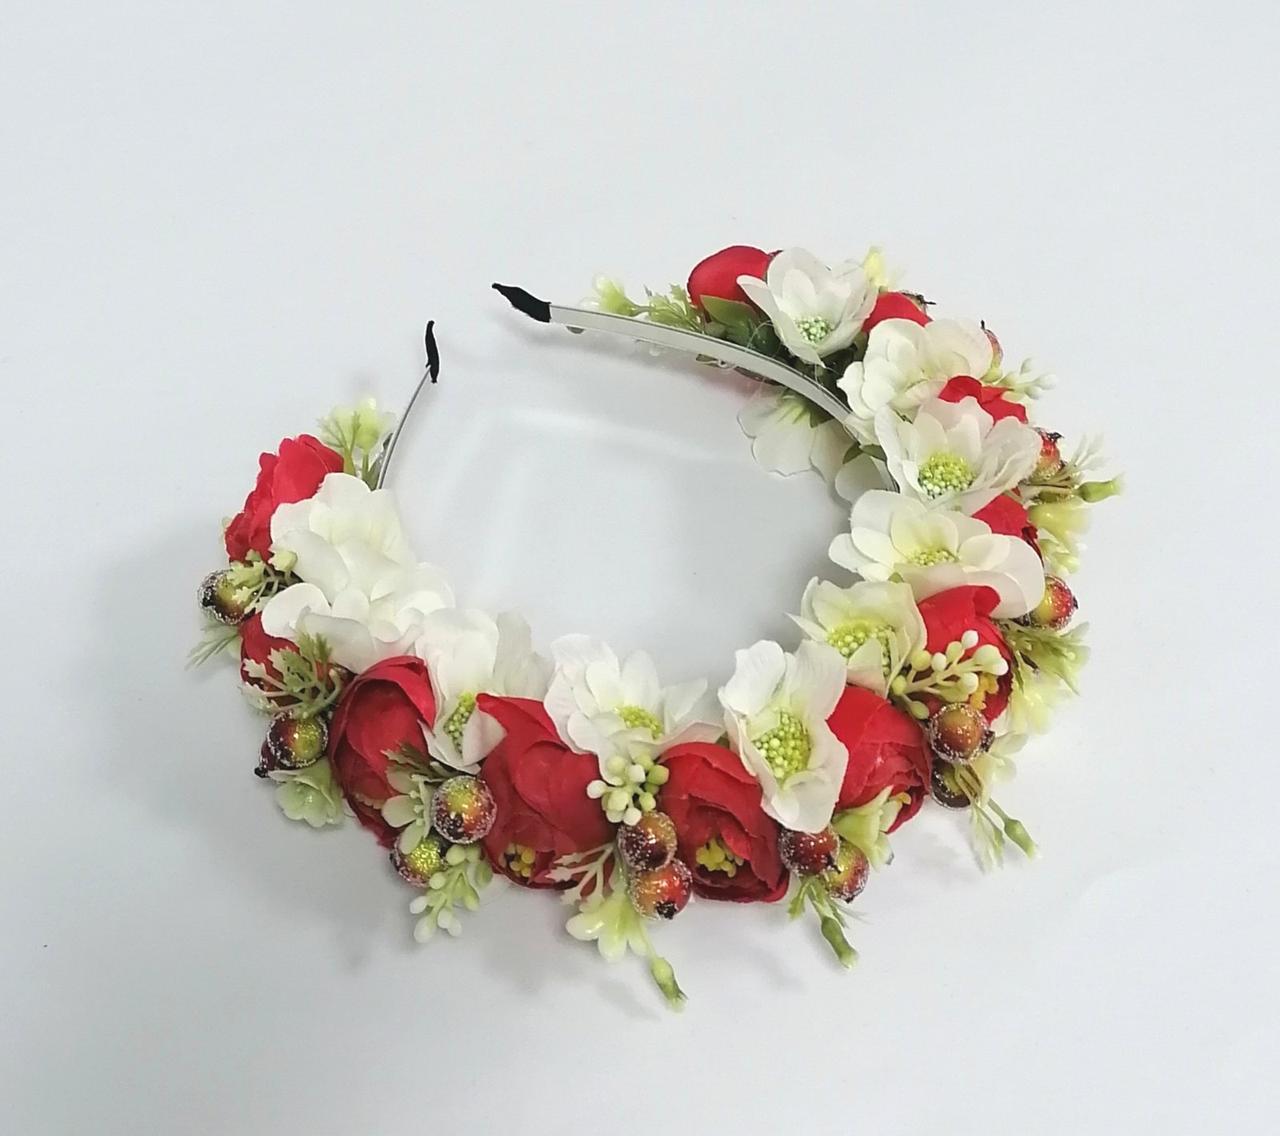 Віночок з квітів Волинські візерунки молочно-червоний